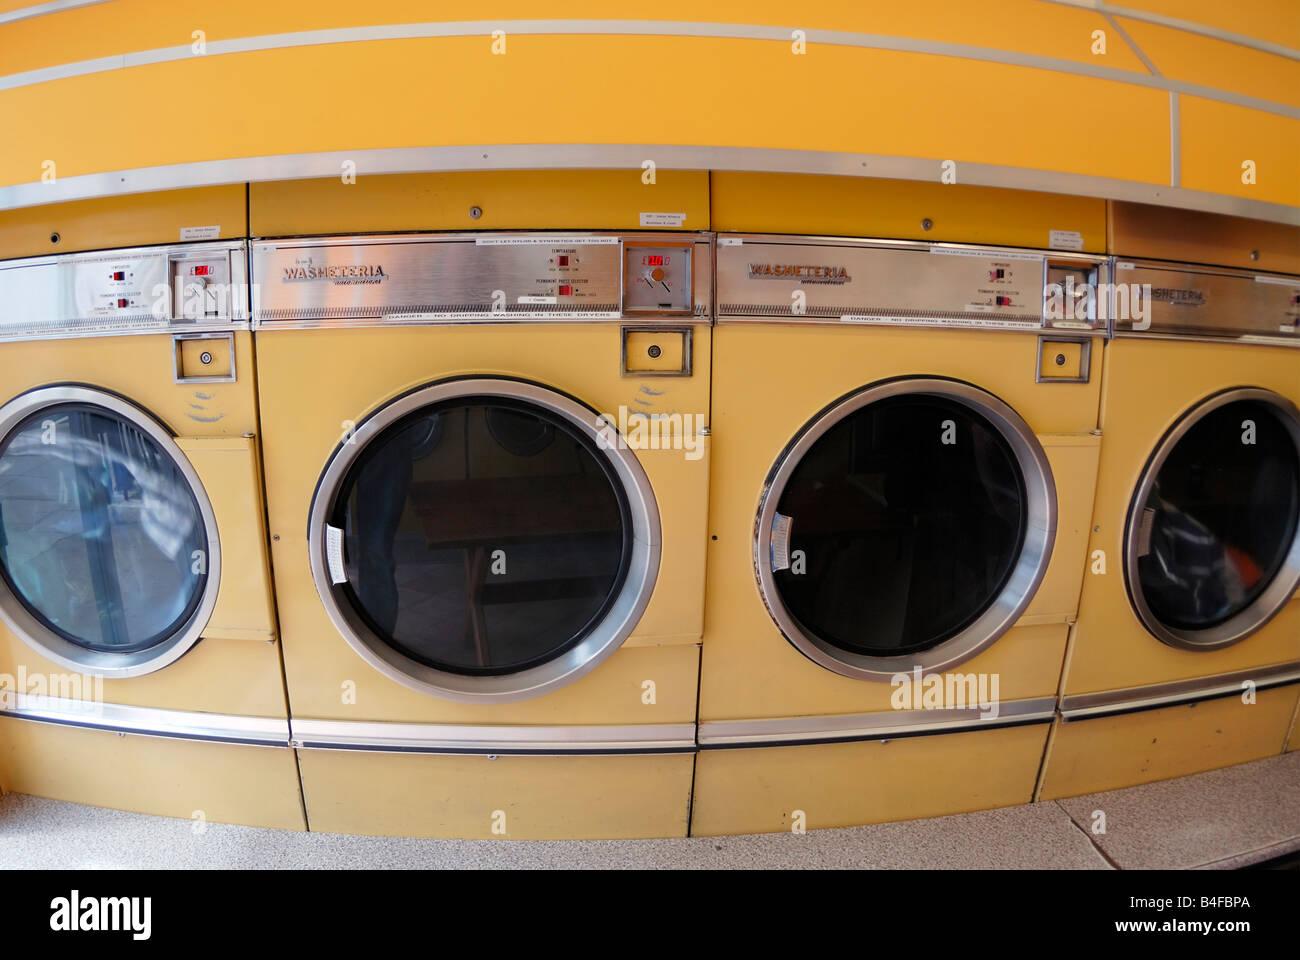 Washing machines at Launderette - Stock Image